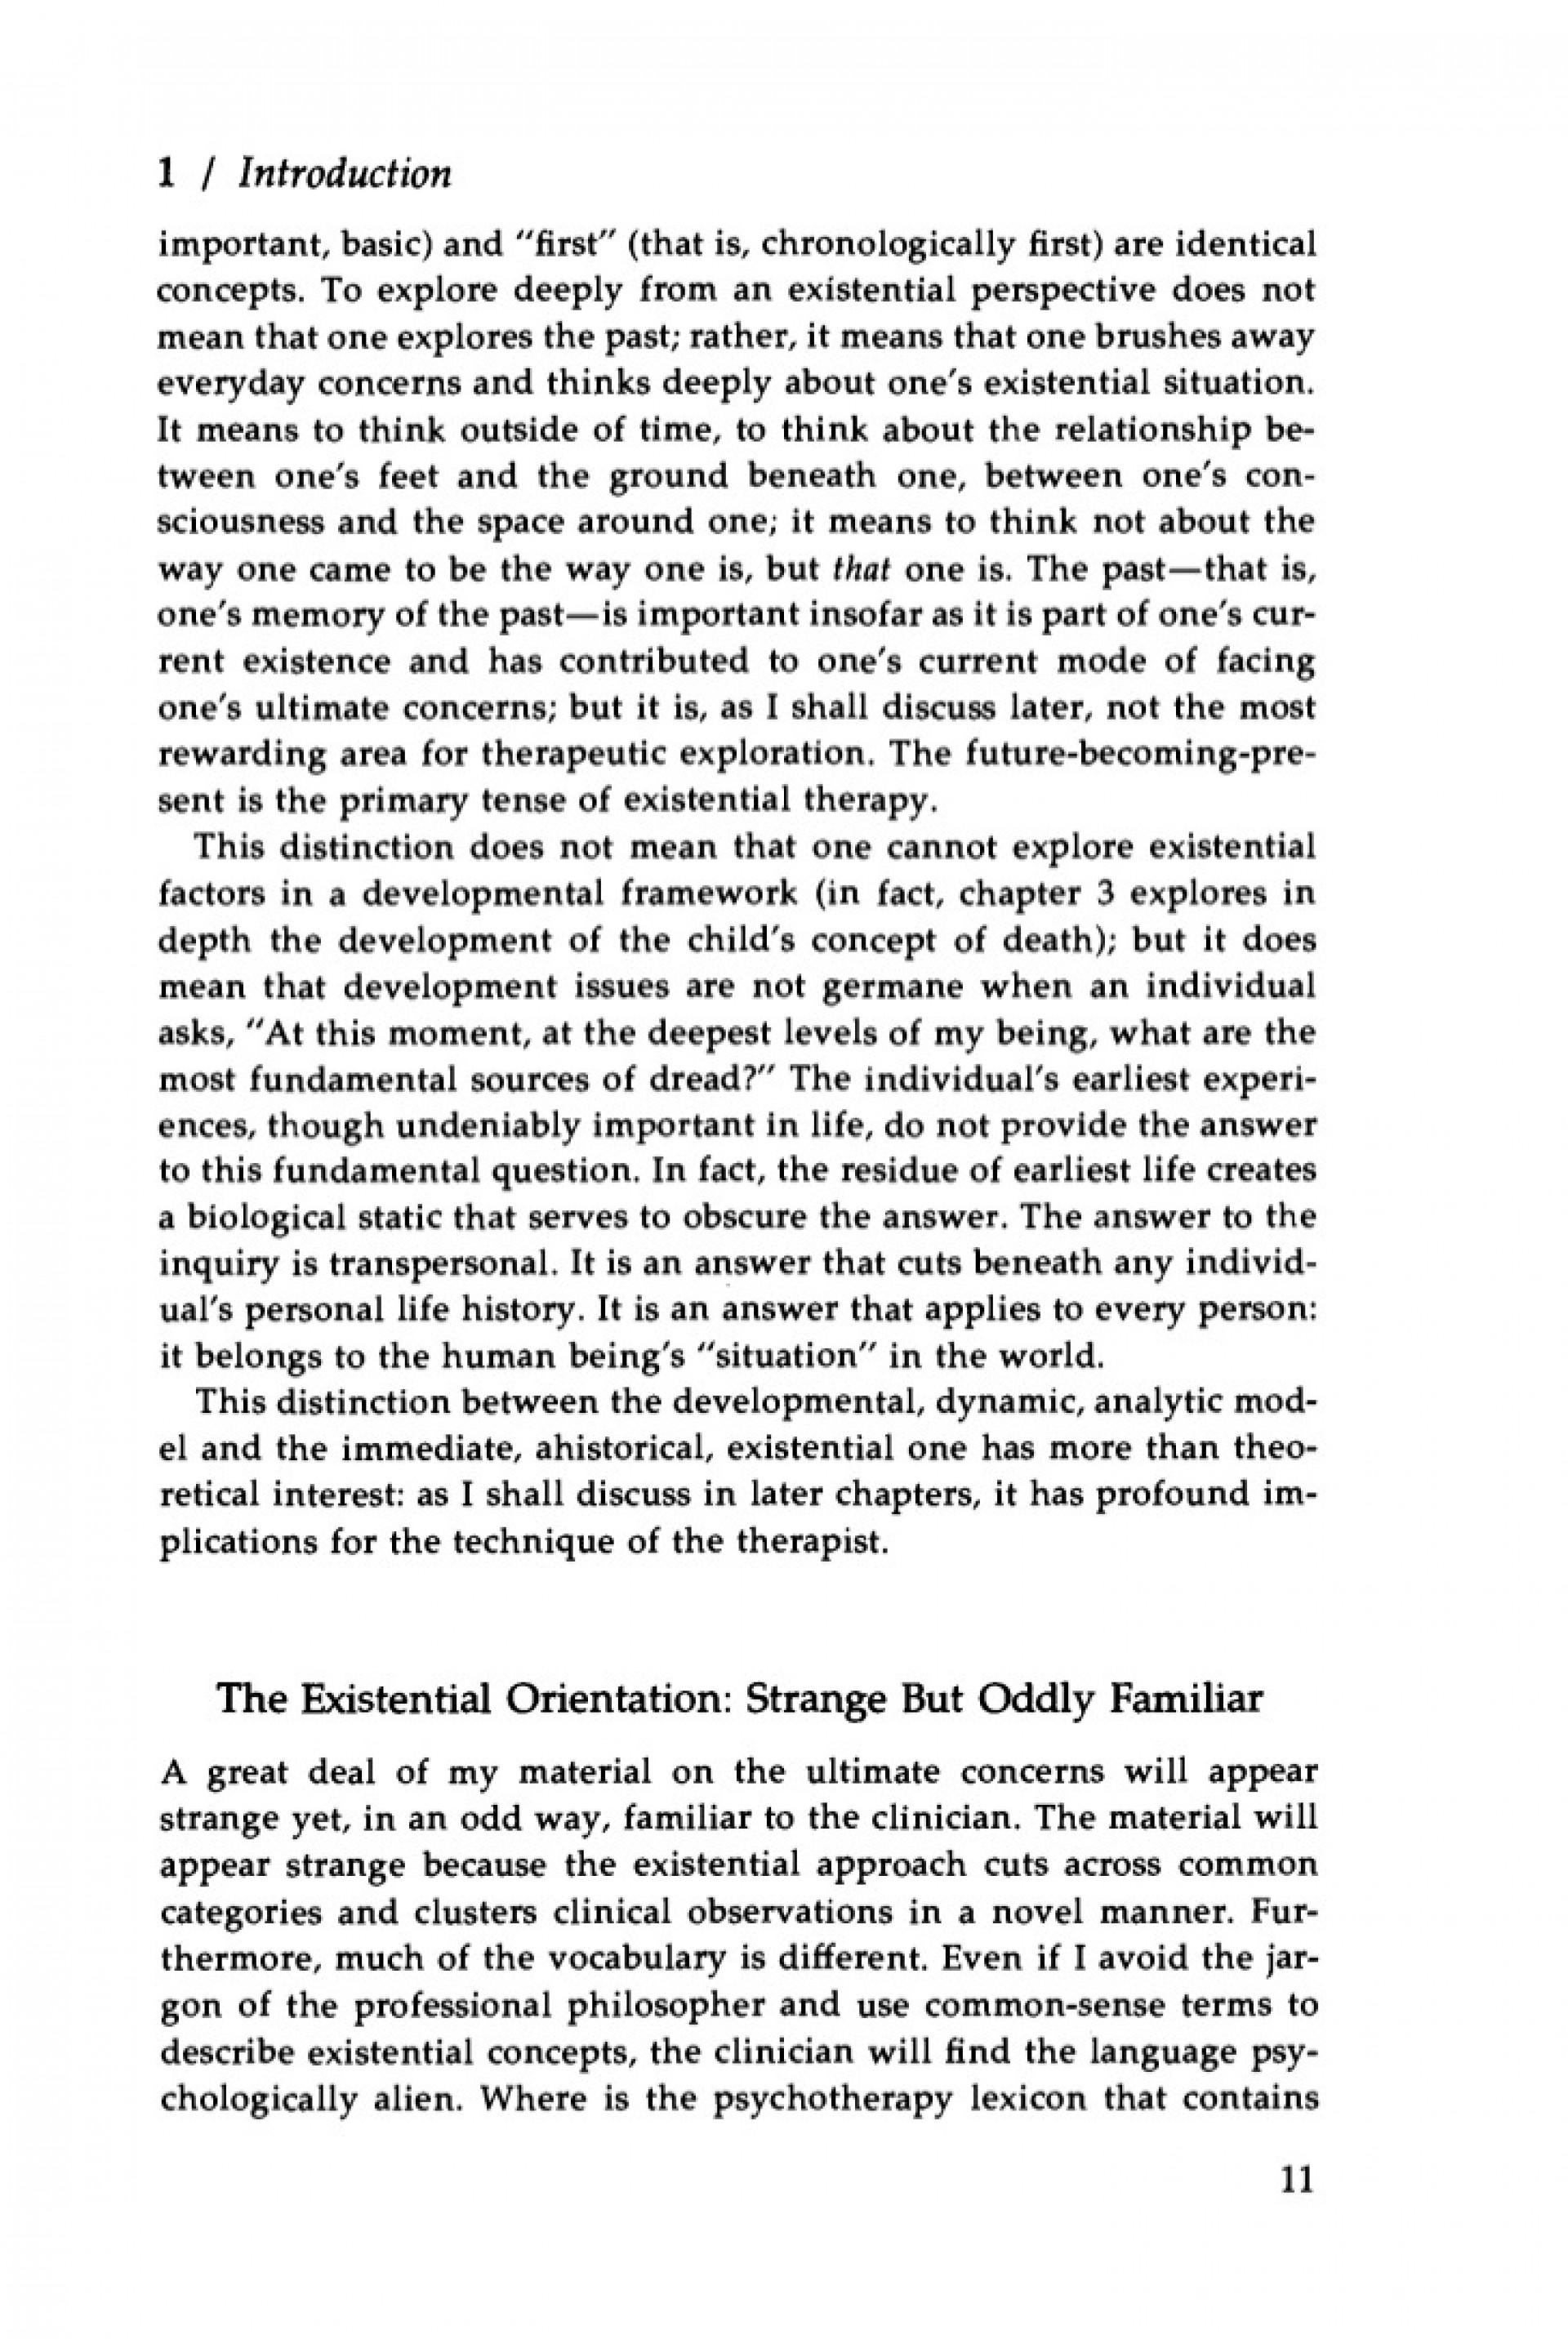 000 Unbelievable 123 Essay High Def  Writer1920